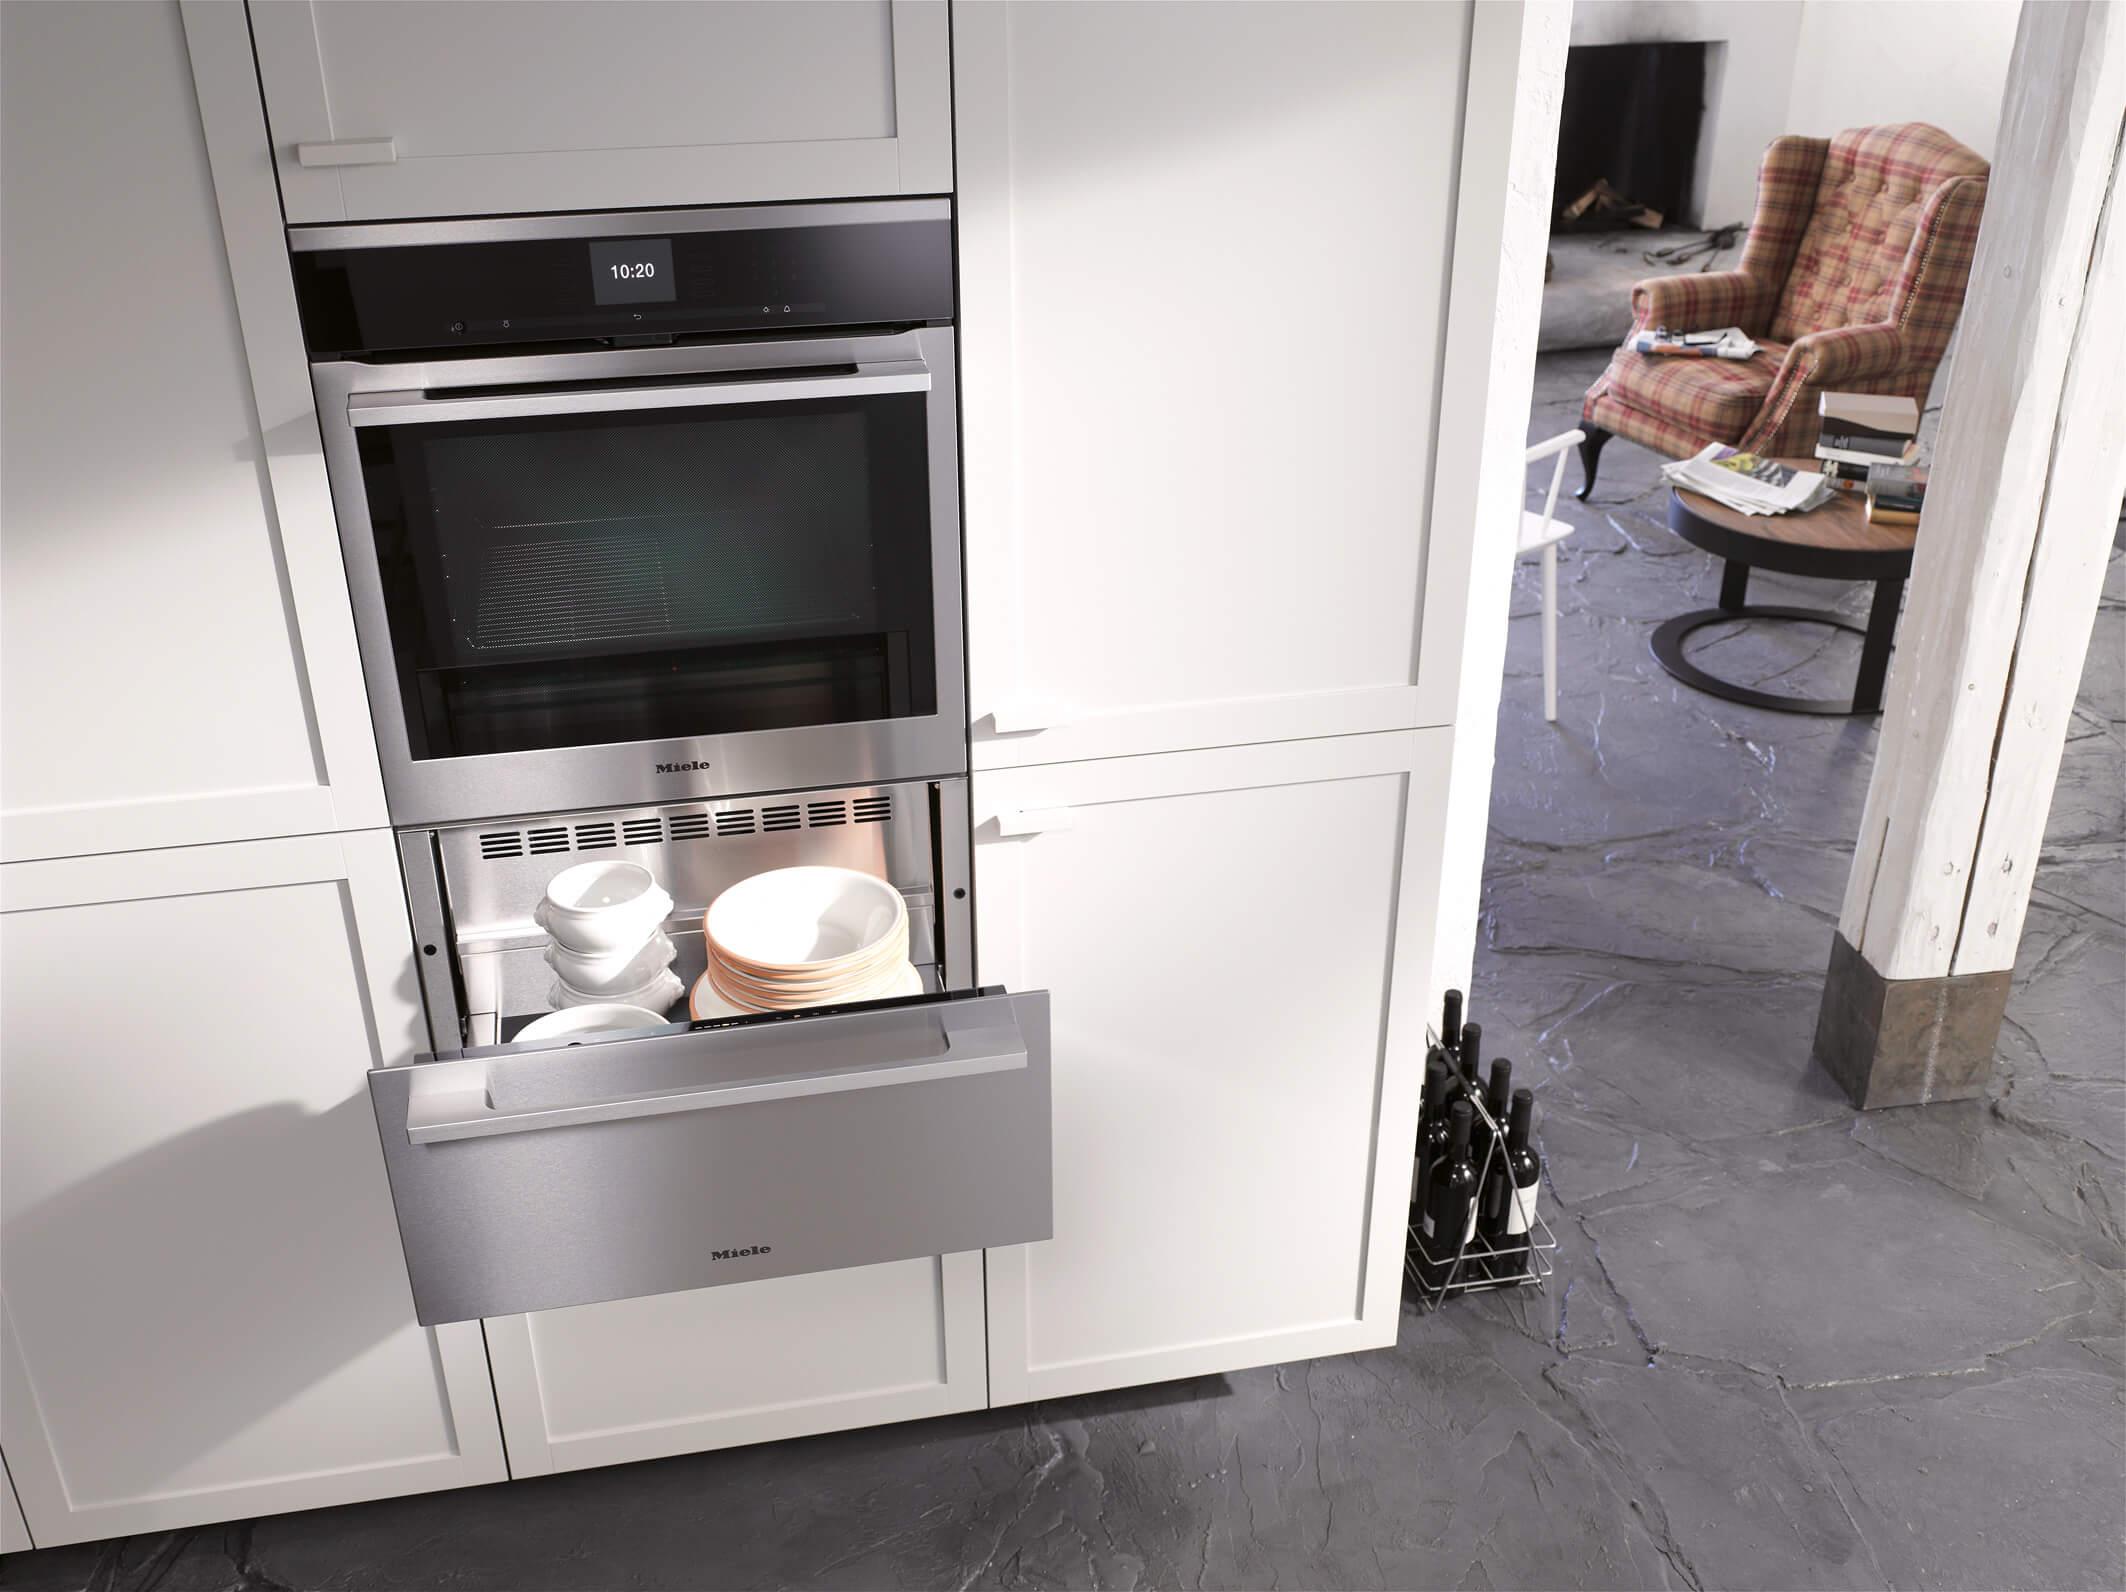 Wärmeschubladen  Wärmeschubladen - Küchenfinder